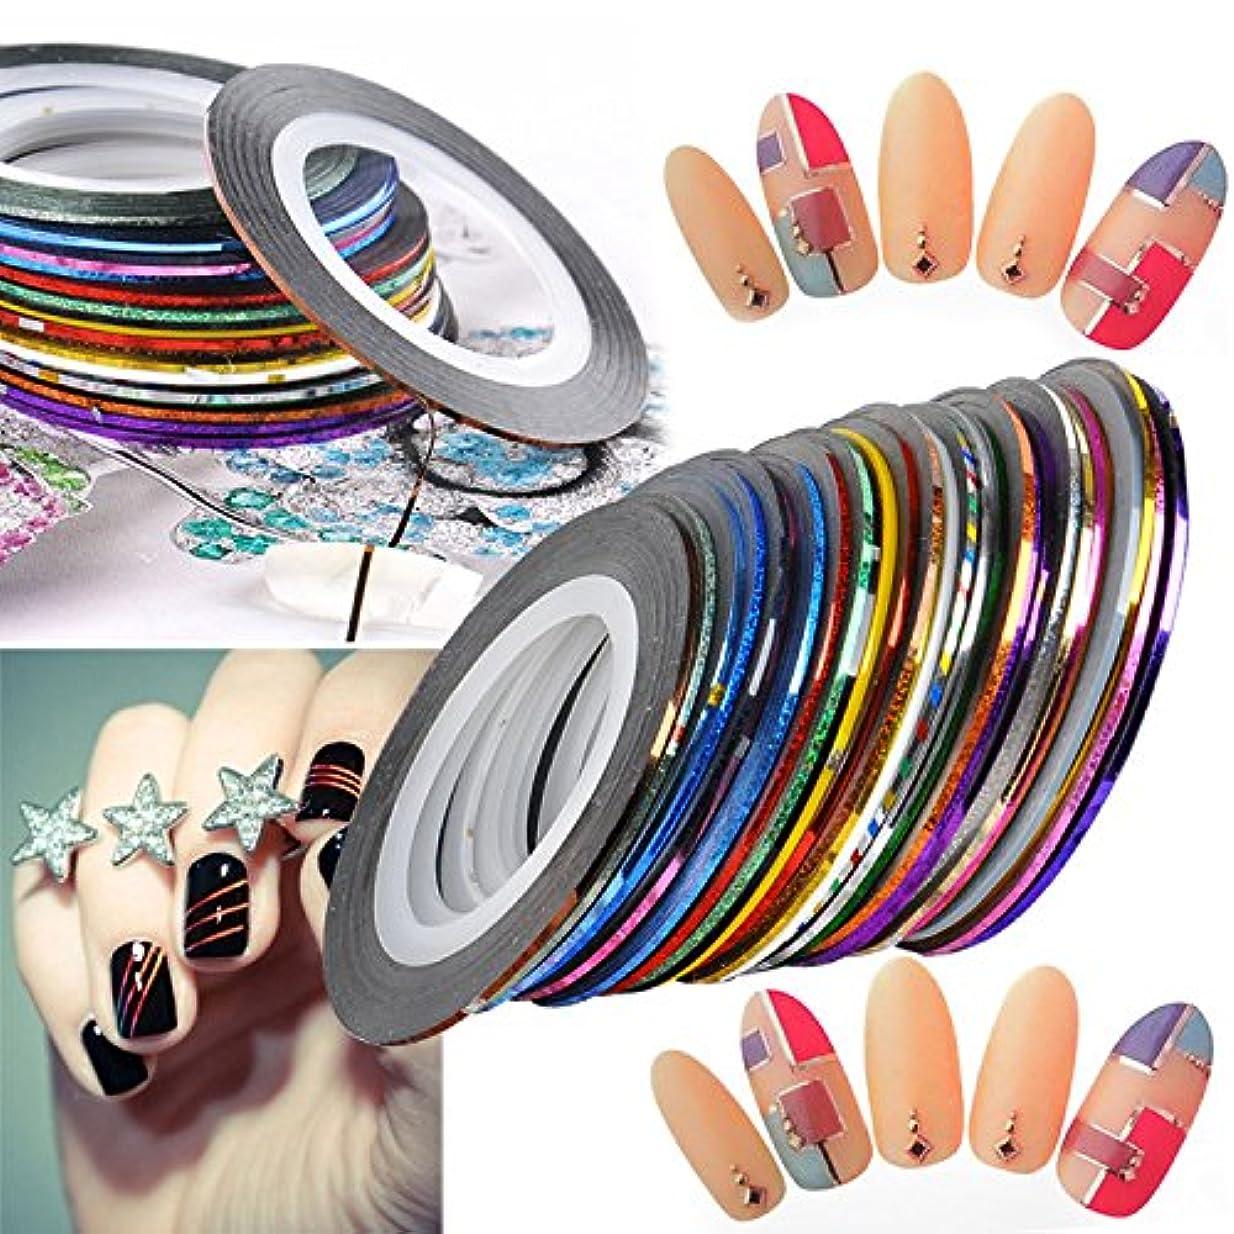 同様のに賛成牧師ネイルアート用 ラインテープ 爪 飾り用品 カラフル 綺麗 ラインアートテープ 30種セット